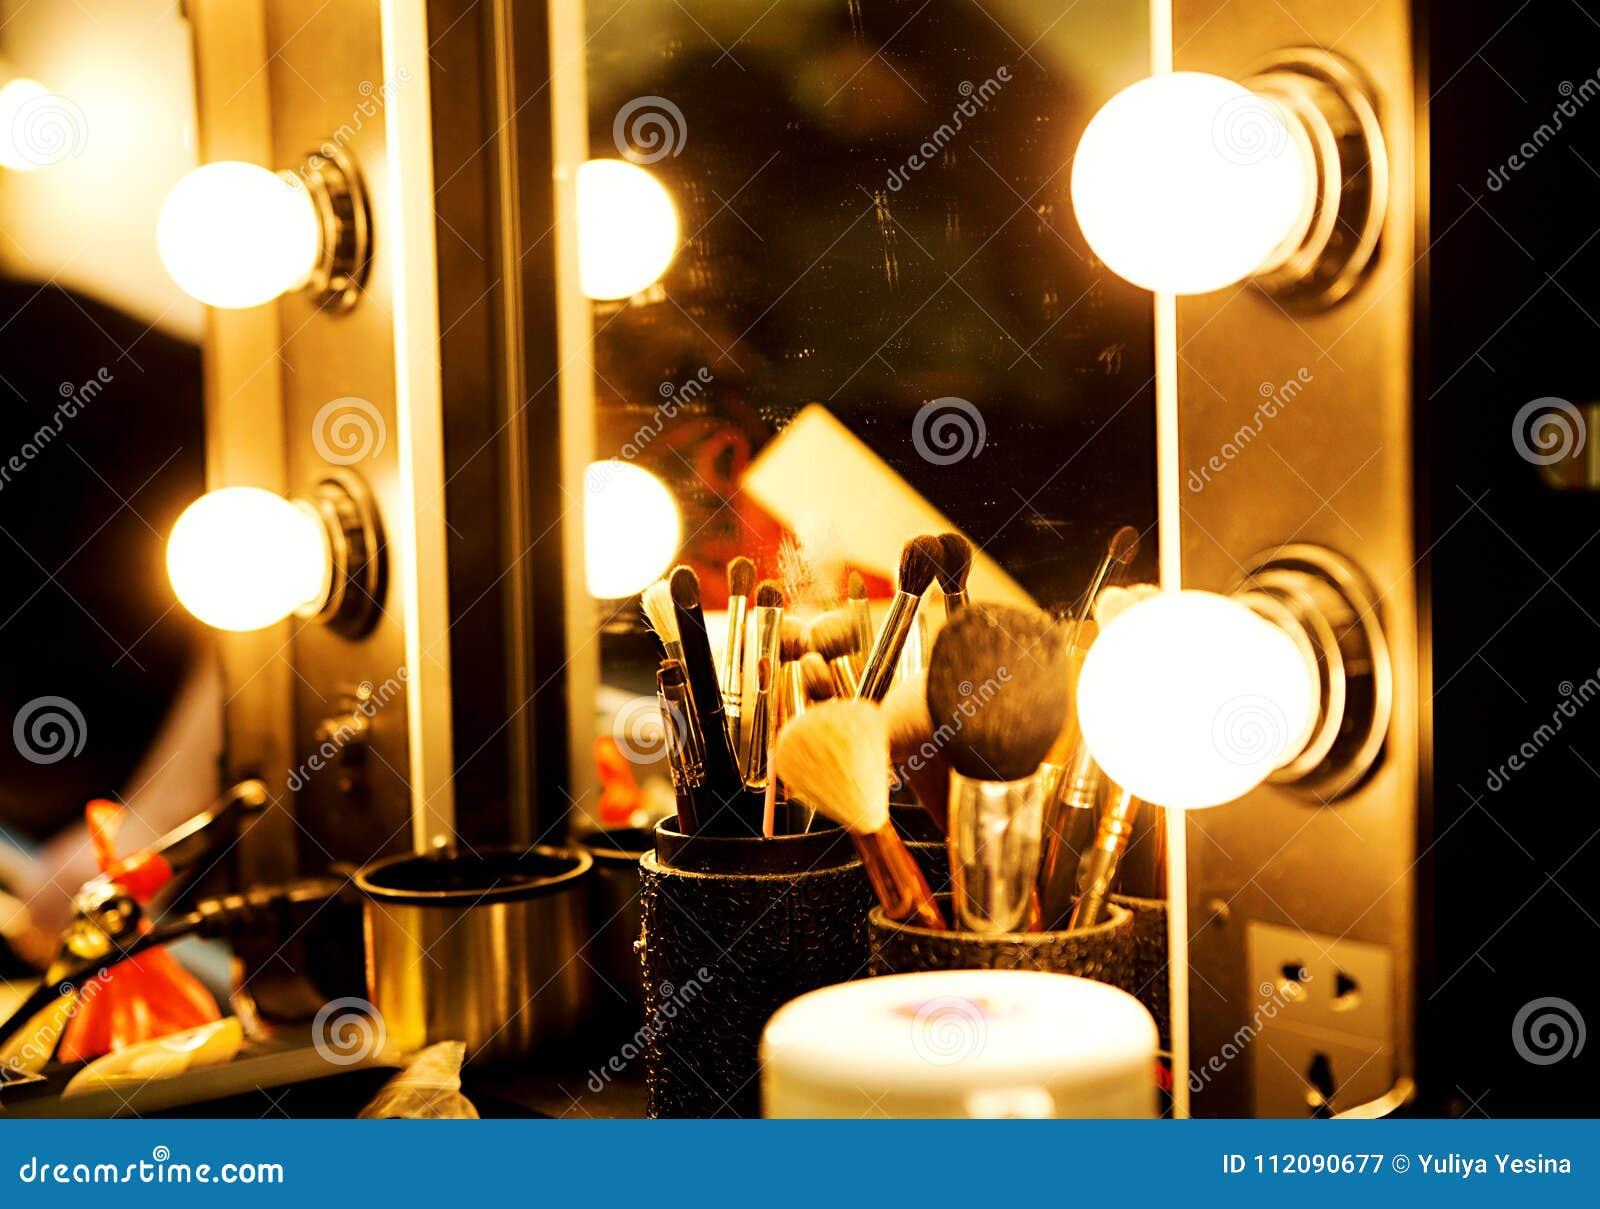 Make Up Spiegels : Spiegel mit glühlampen für make up stockbild bild von verfassung